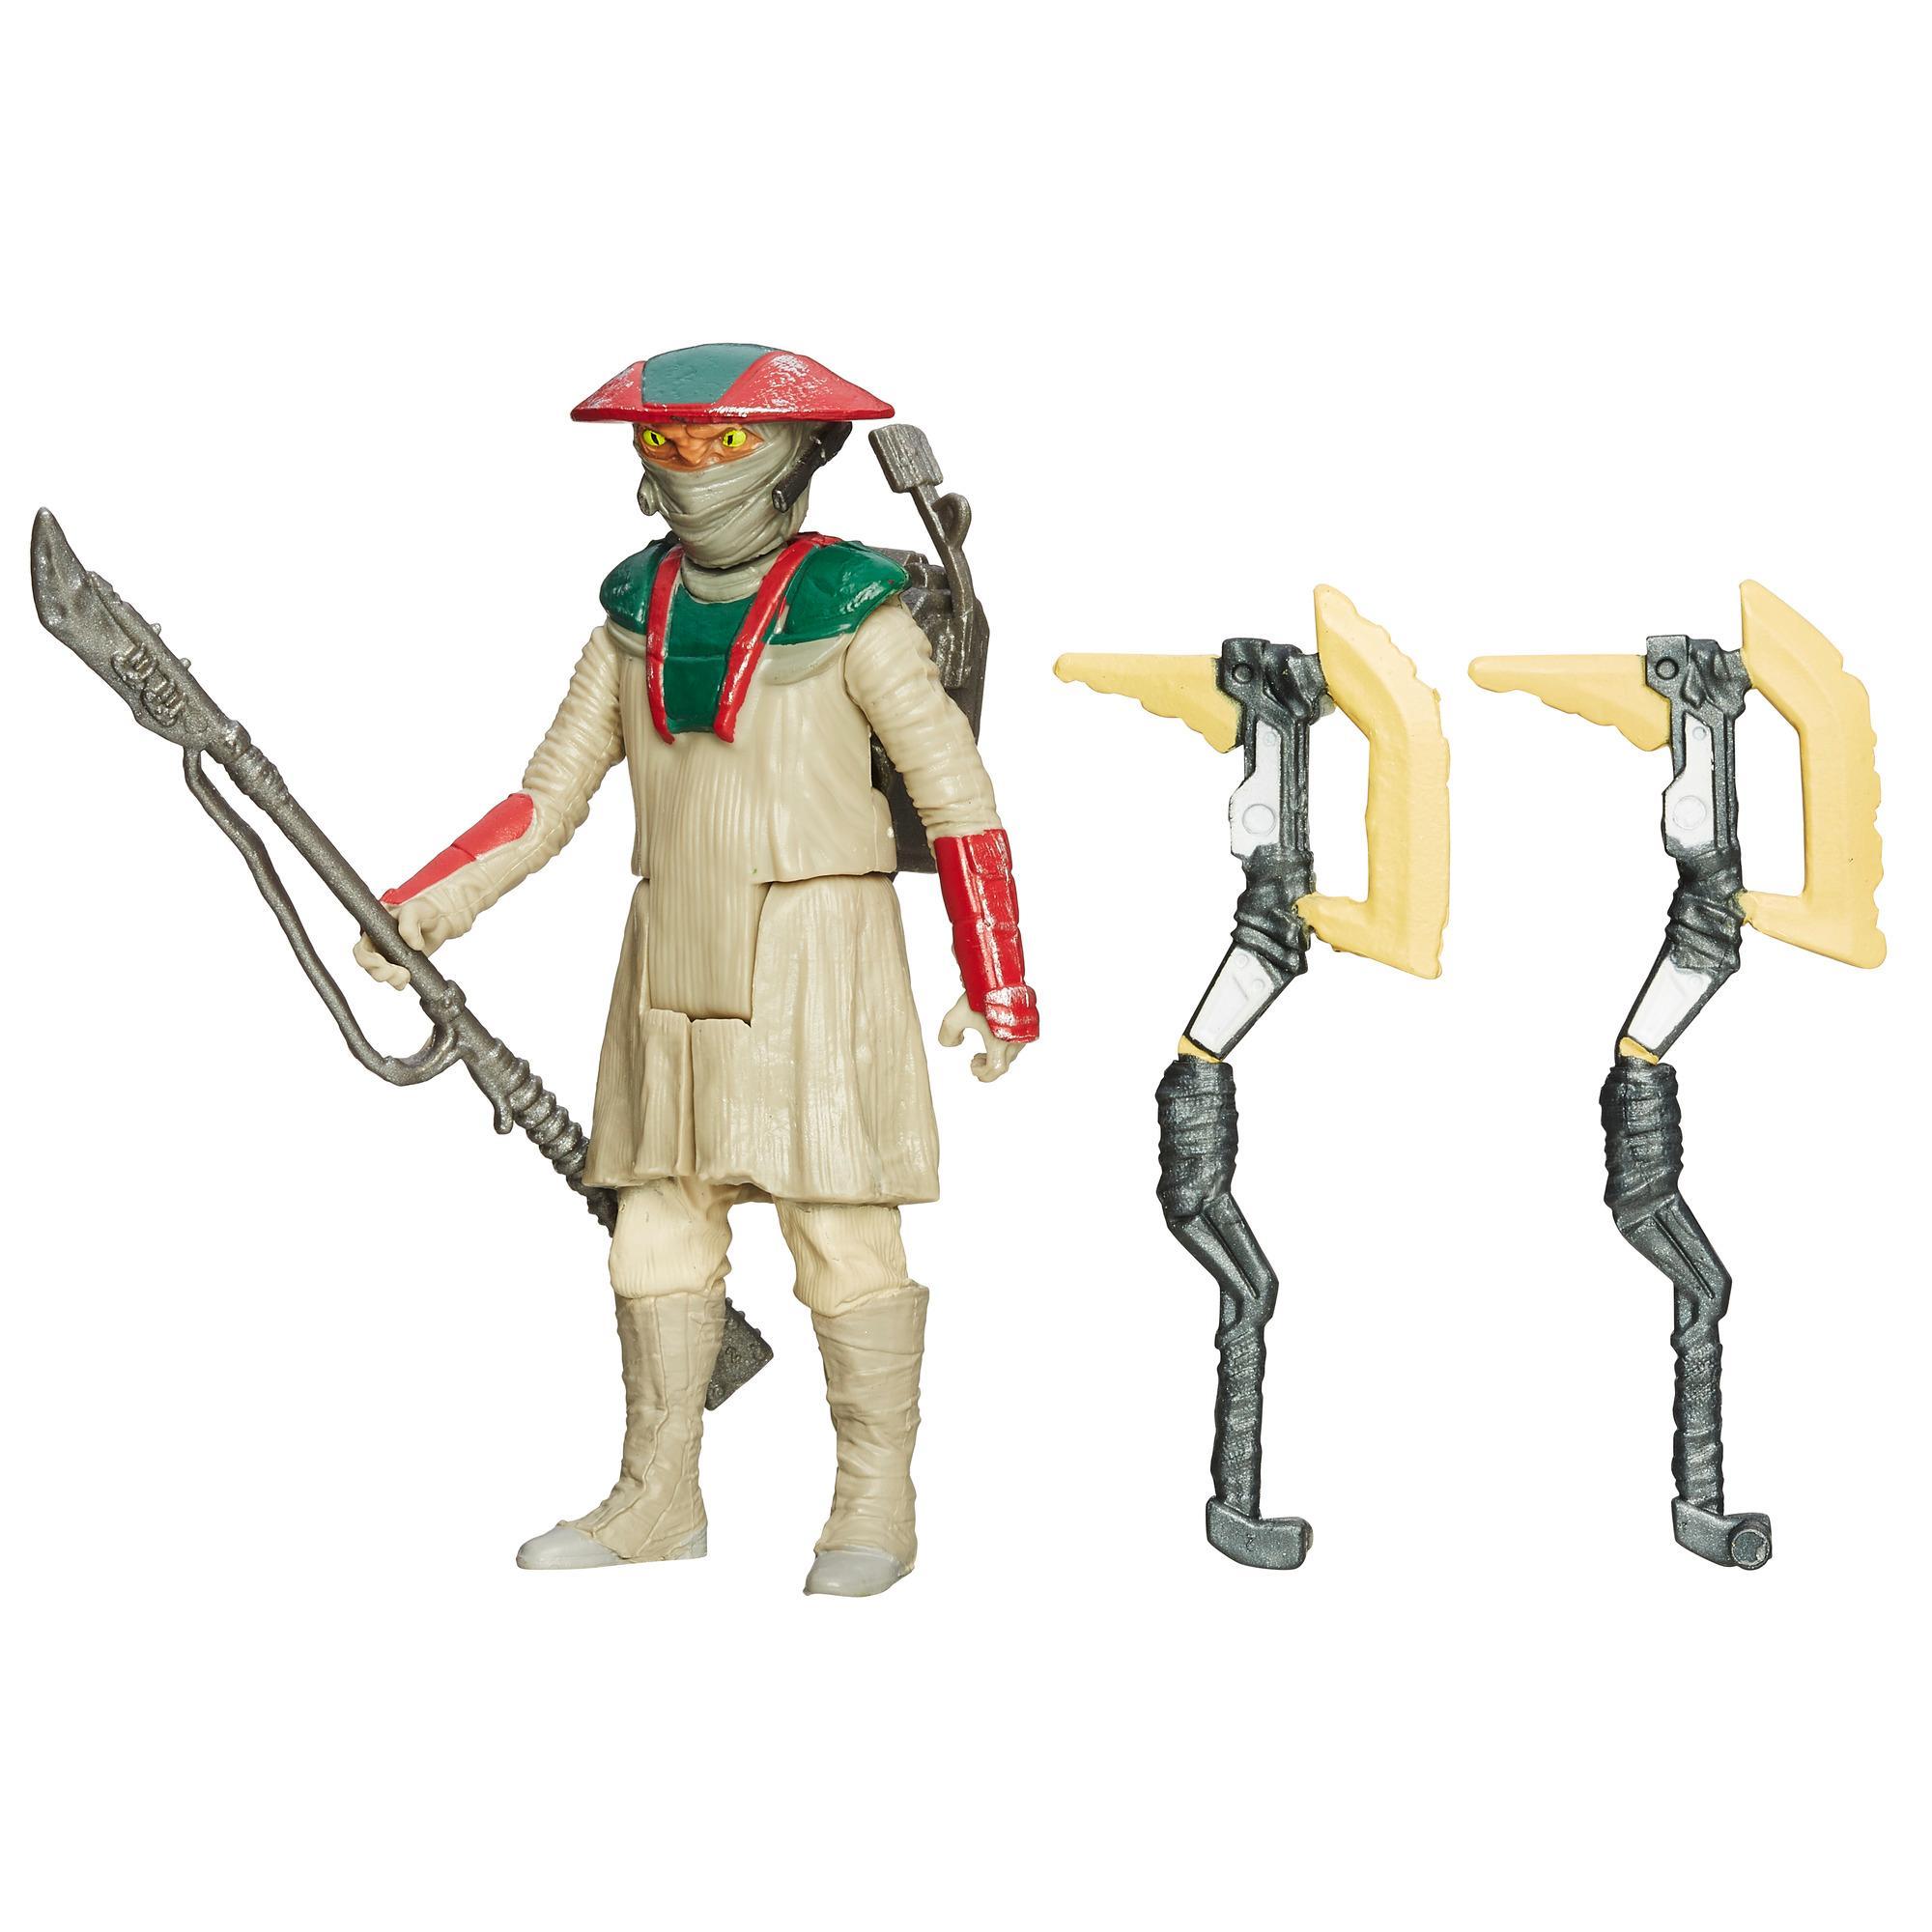 Gwiezdne wojny: Przebudzenie Mocy, 9,5-centymetrowa (3,75-calowa) figurka konstabla Zuvio — Pustynna misja